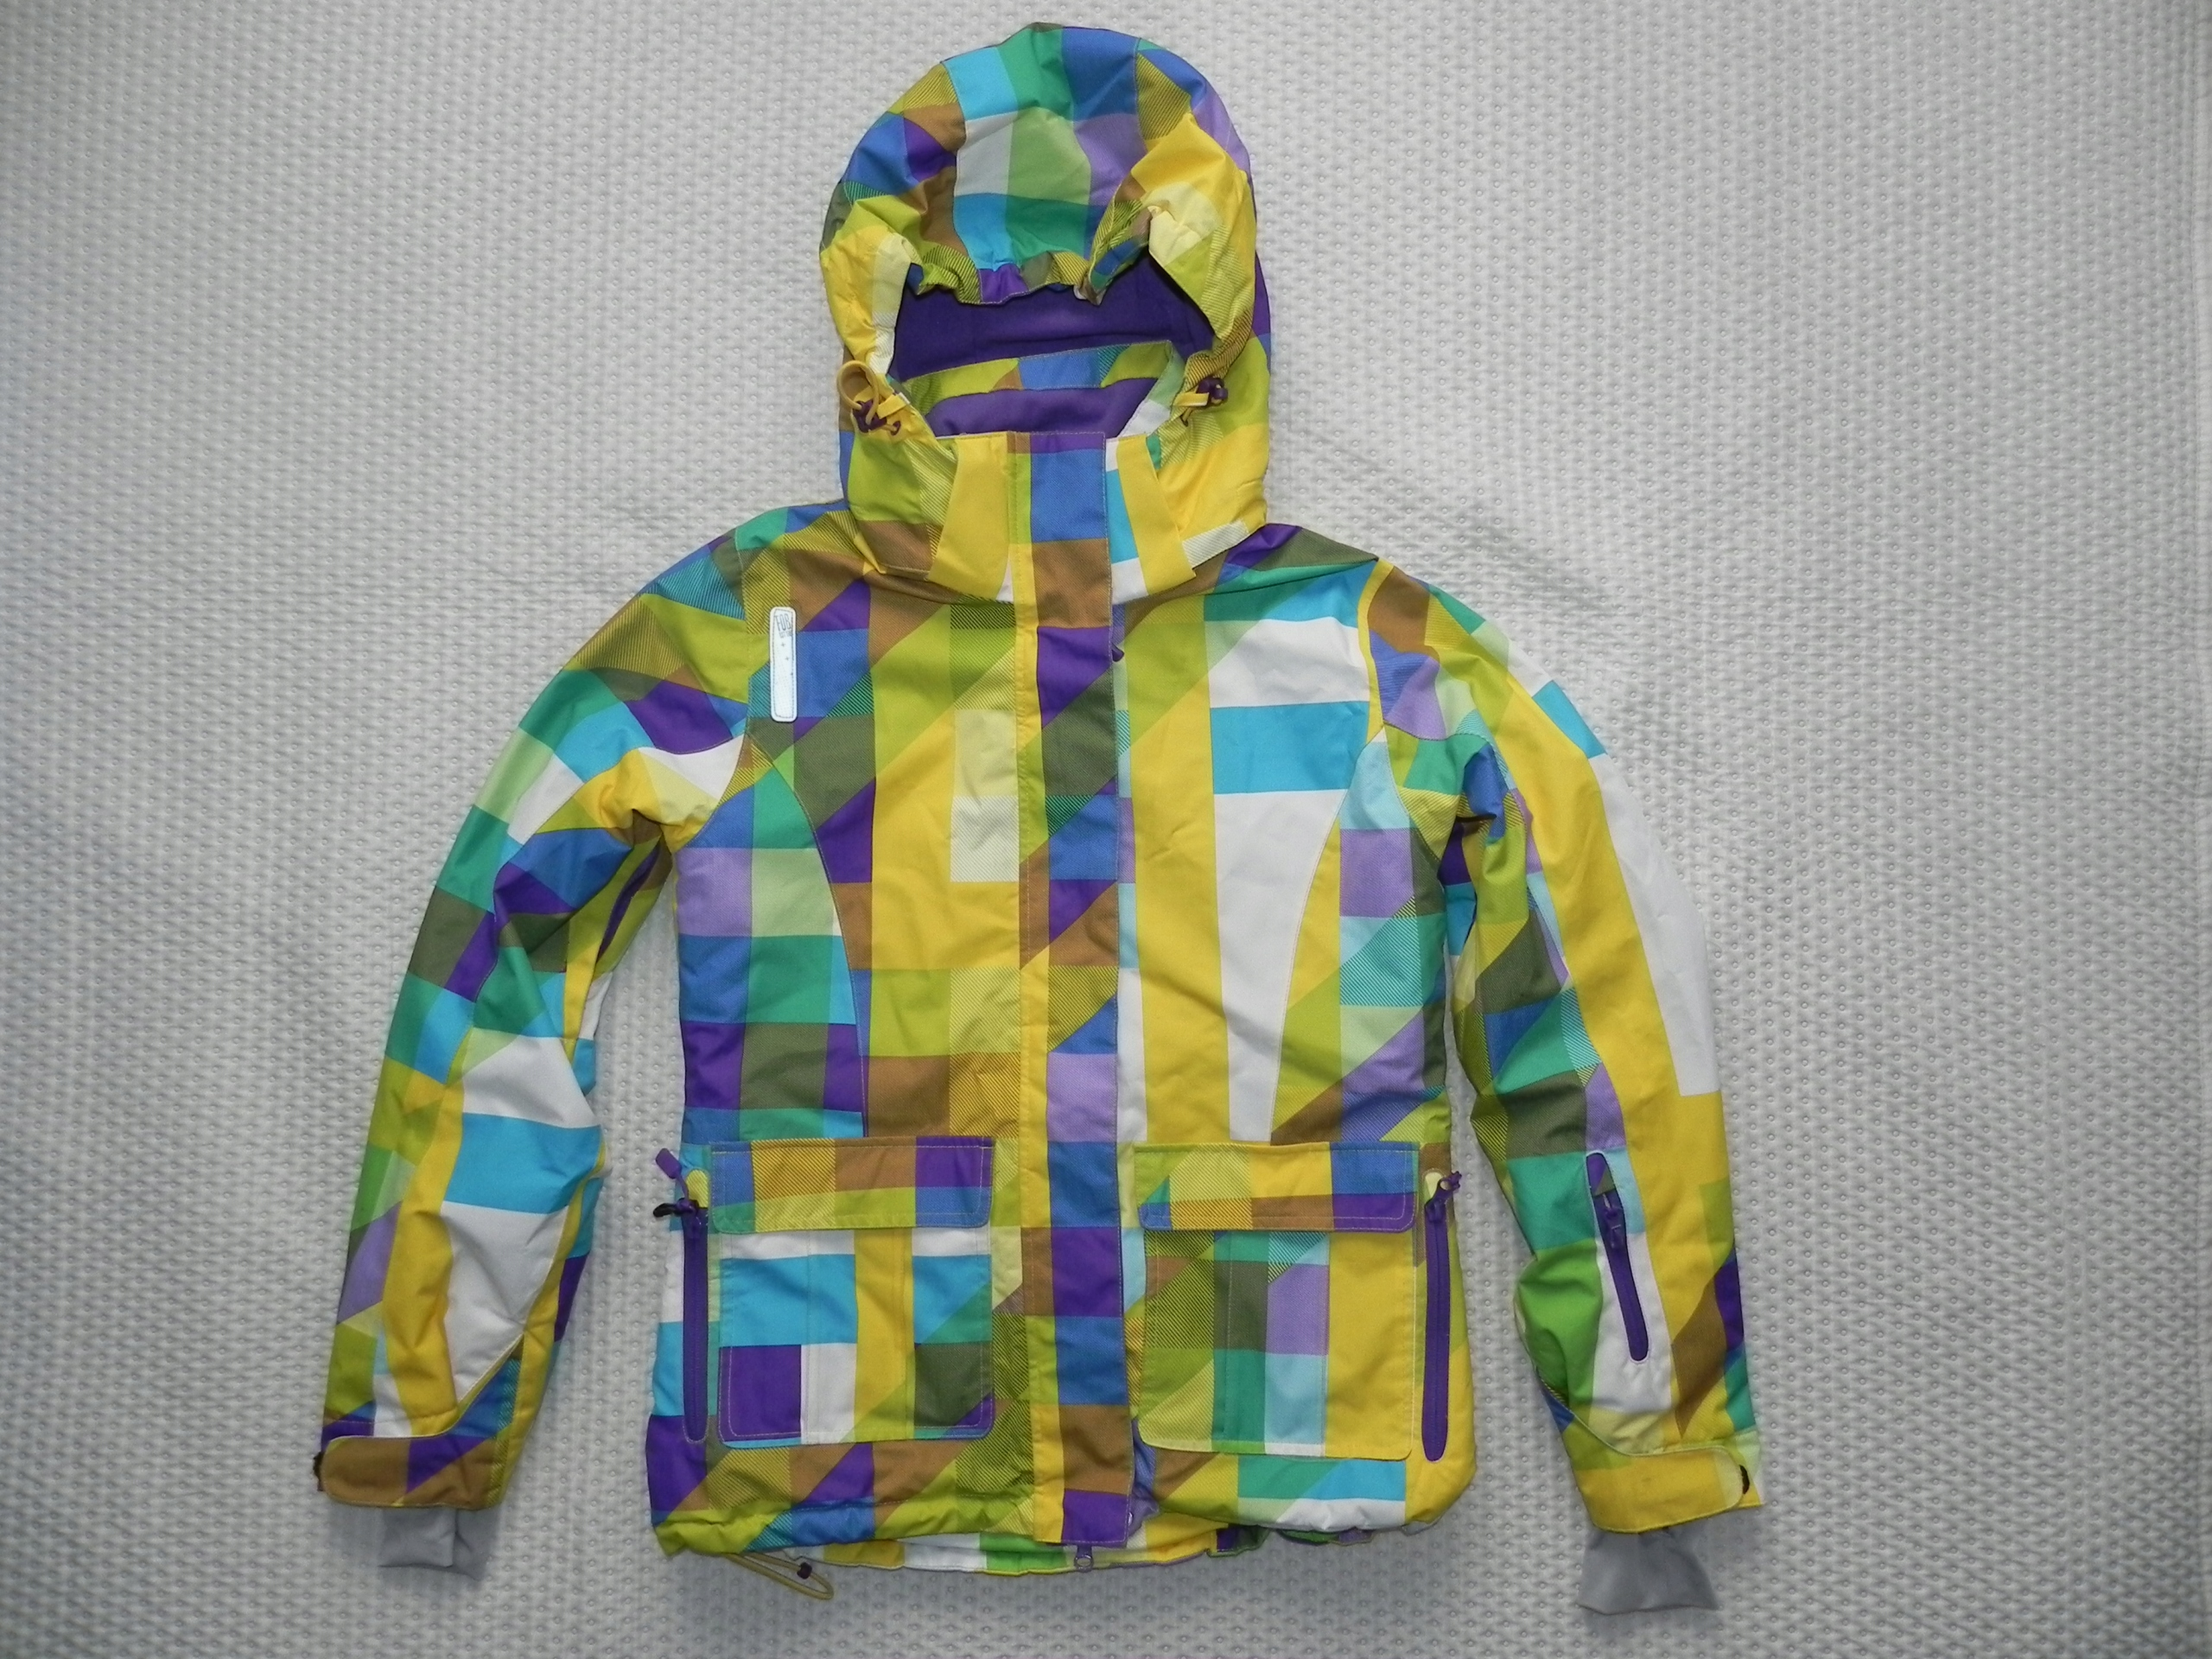 32b10ace0 Kurtka 4F FOB *narty snowboard* r.36 S - 7658718862 - oficjalne ...